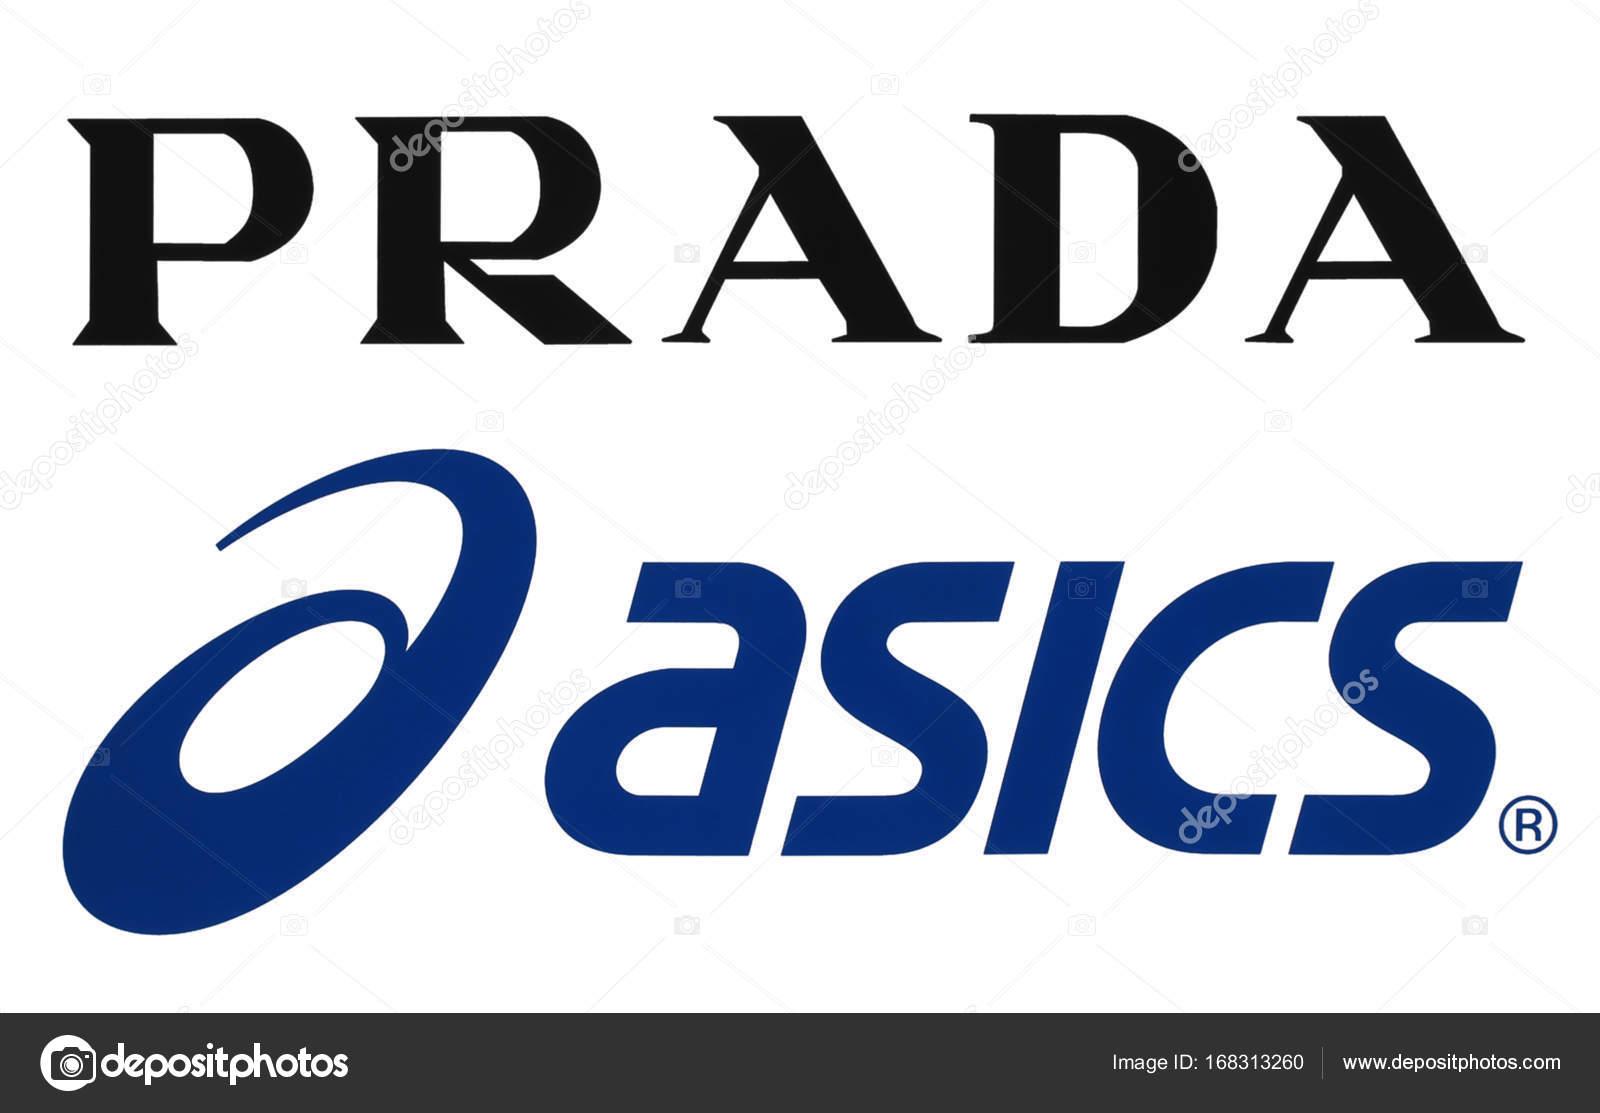 Colección de ropa deportiva popular fabrica logotipos– Fotografía editorial  de stock df2a92971ba0